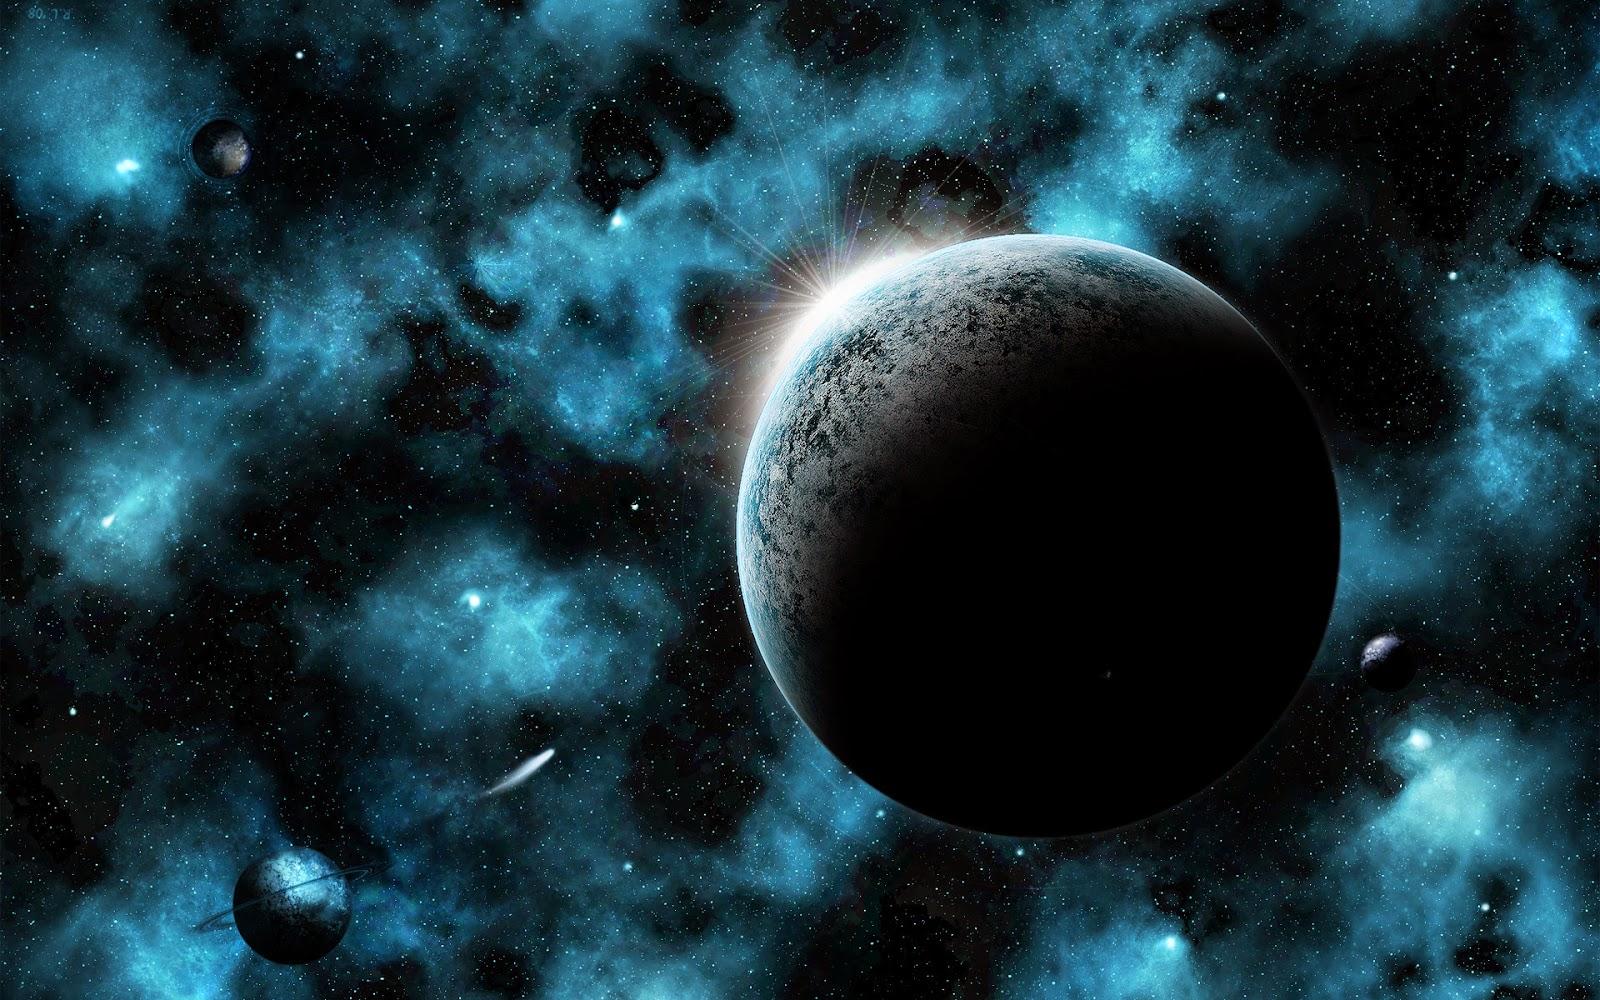 خلفية الفضاء ثلاثي الابعاد